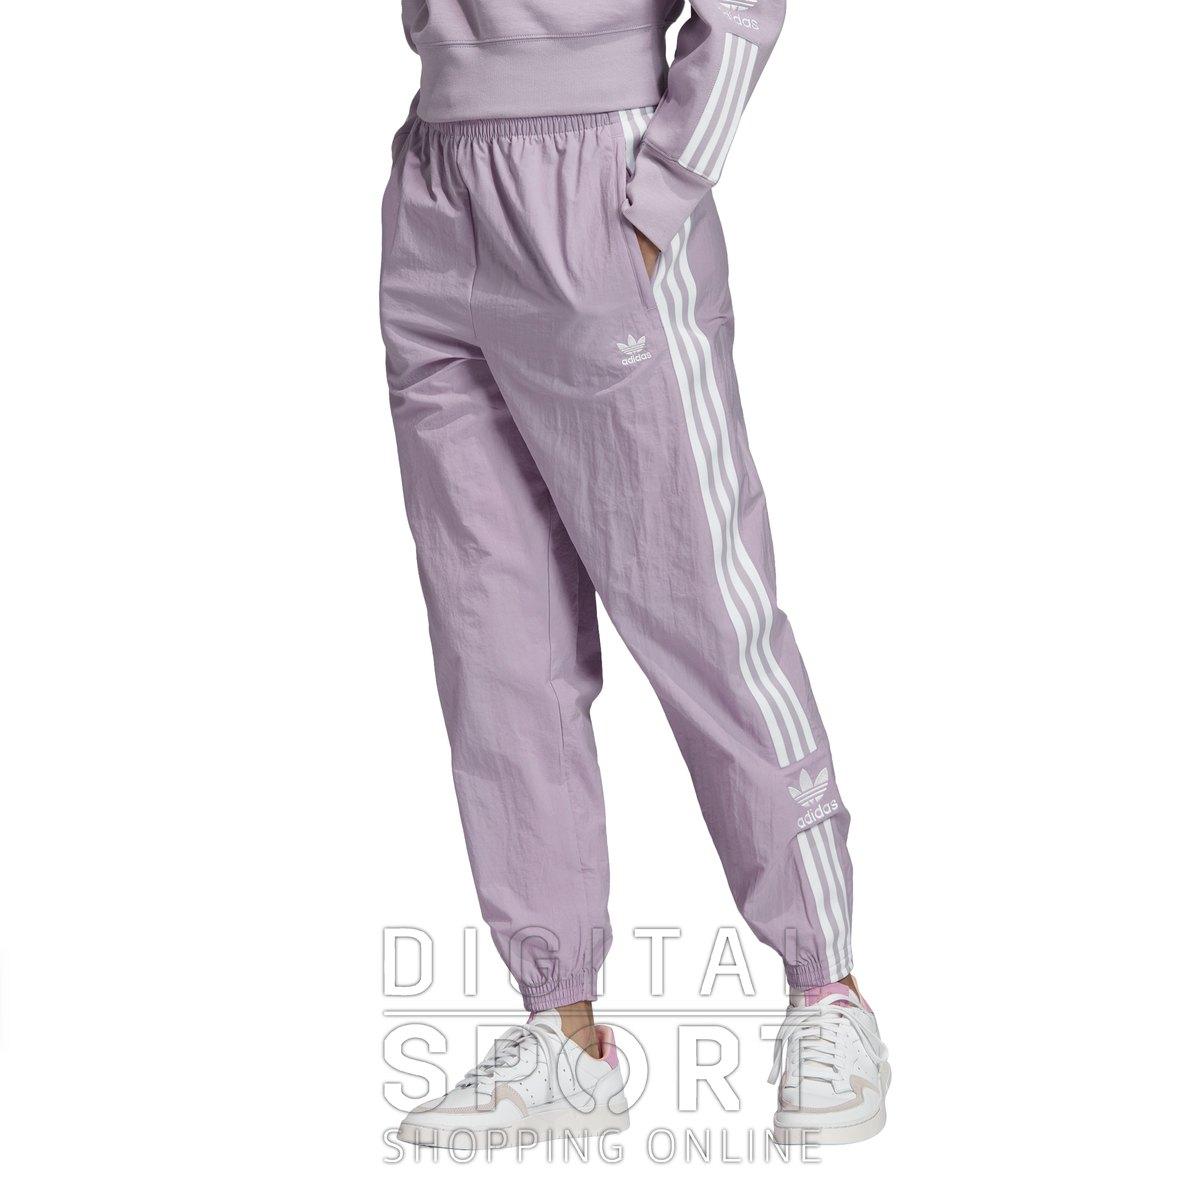 Pantalones Deportivos De Mujer Adidas Off 52 Gupteshworcave Com Np